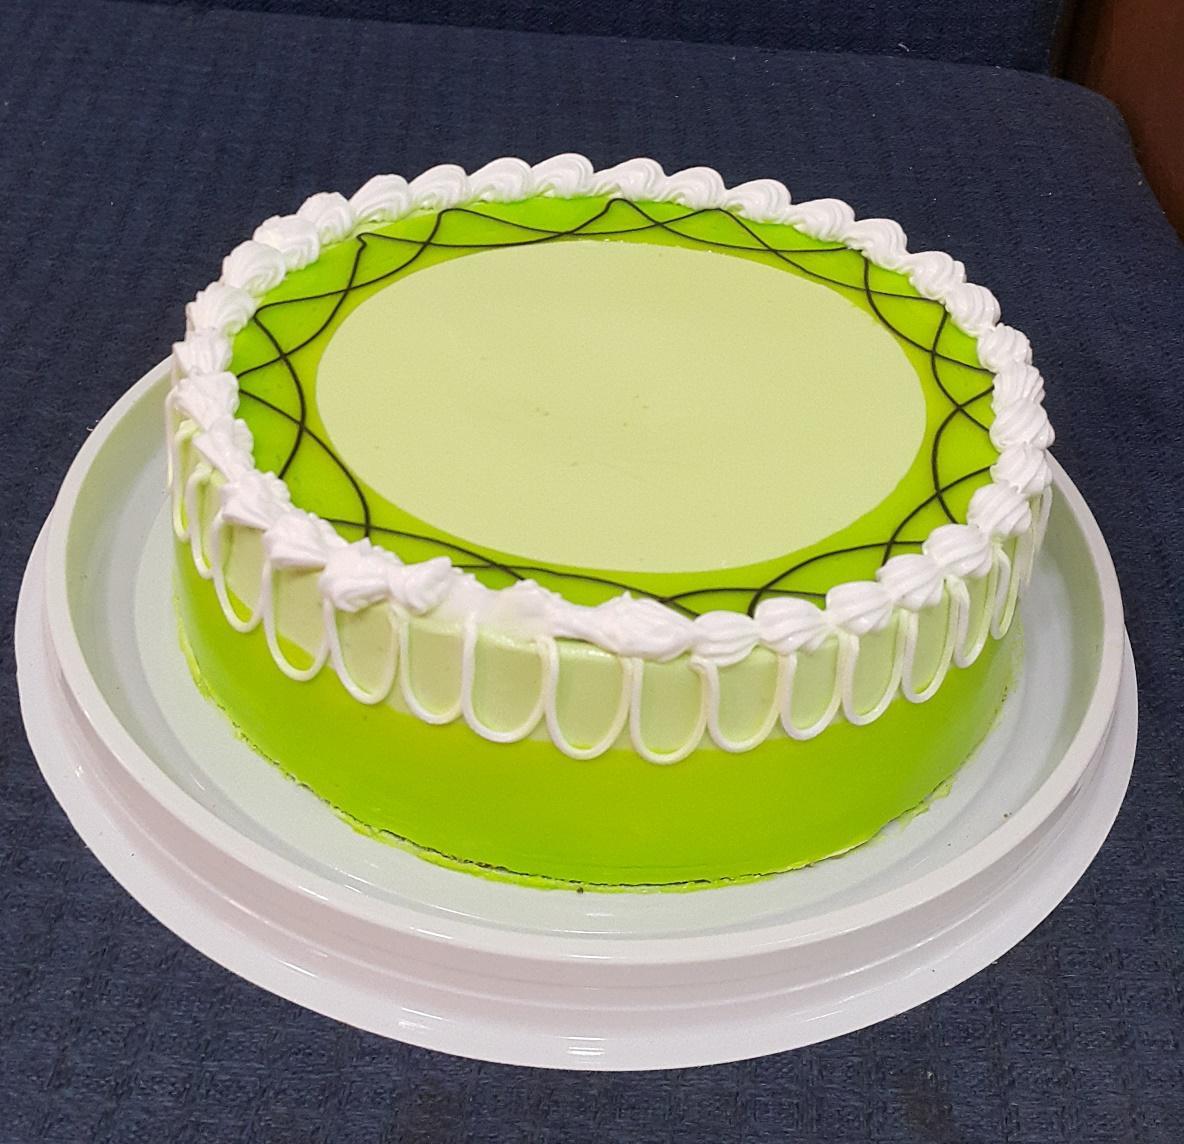 Giá thành của bánh sinh nhật vị trà xanh đắt đỏ không?